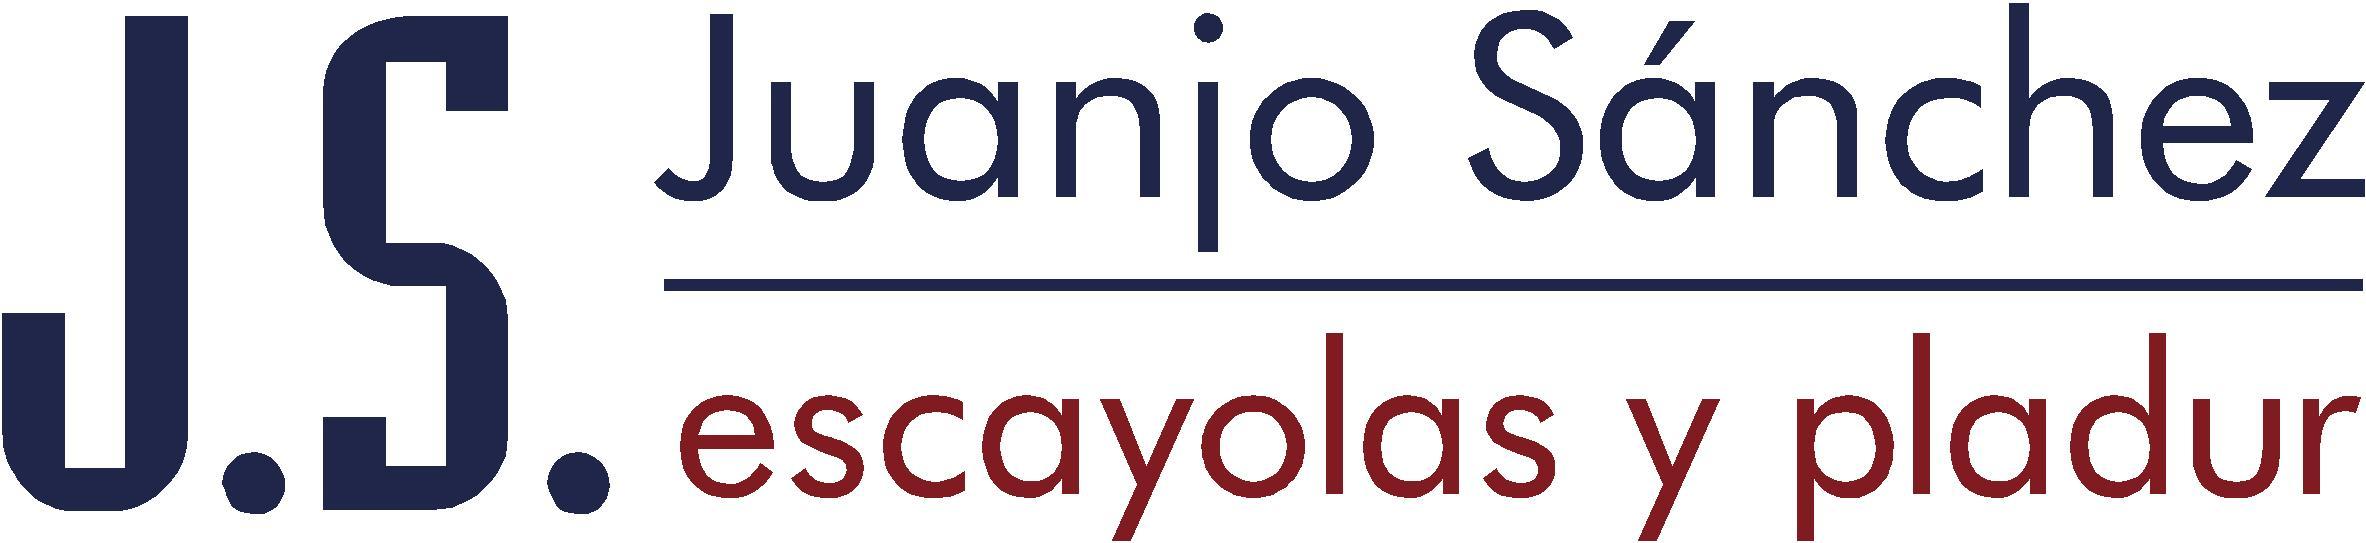 Escayolas y Pladur Juanjo Sanchez